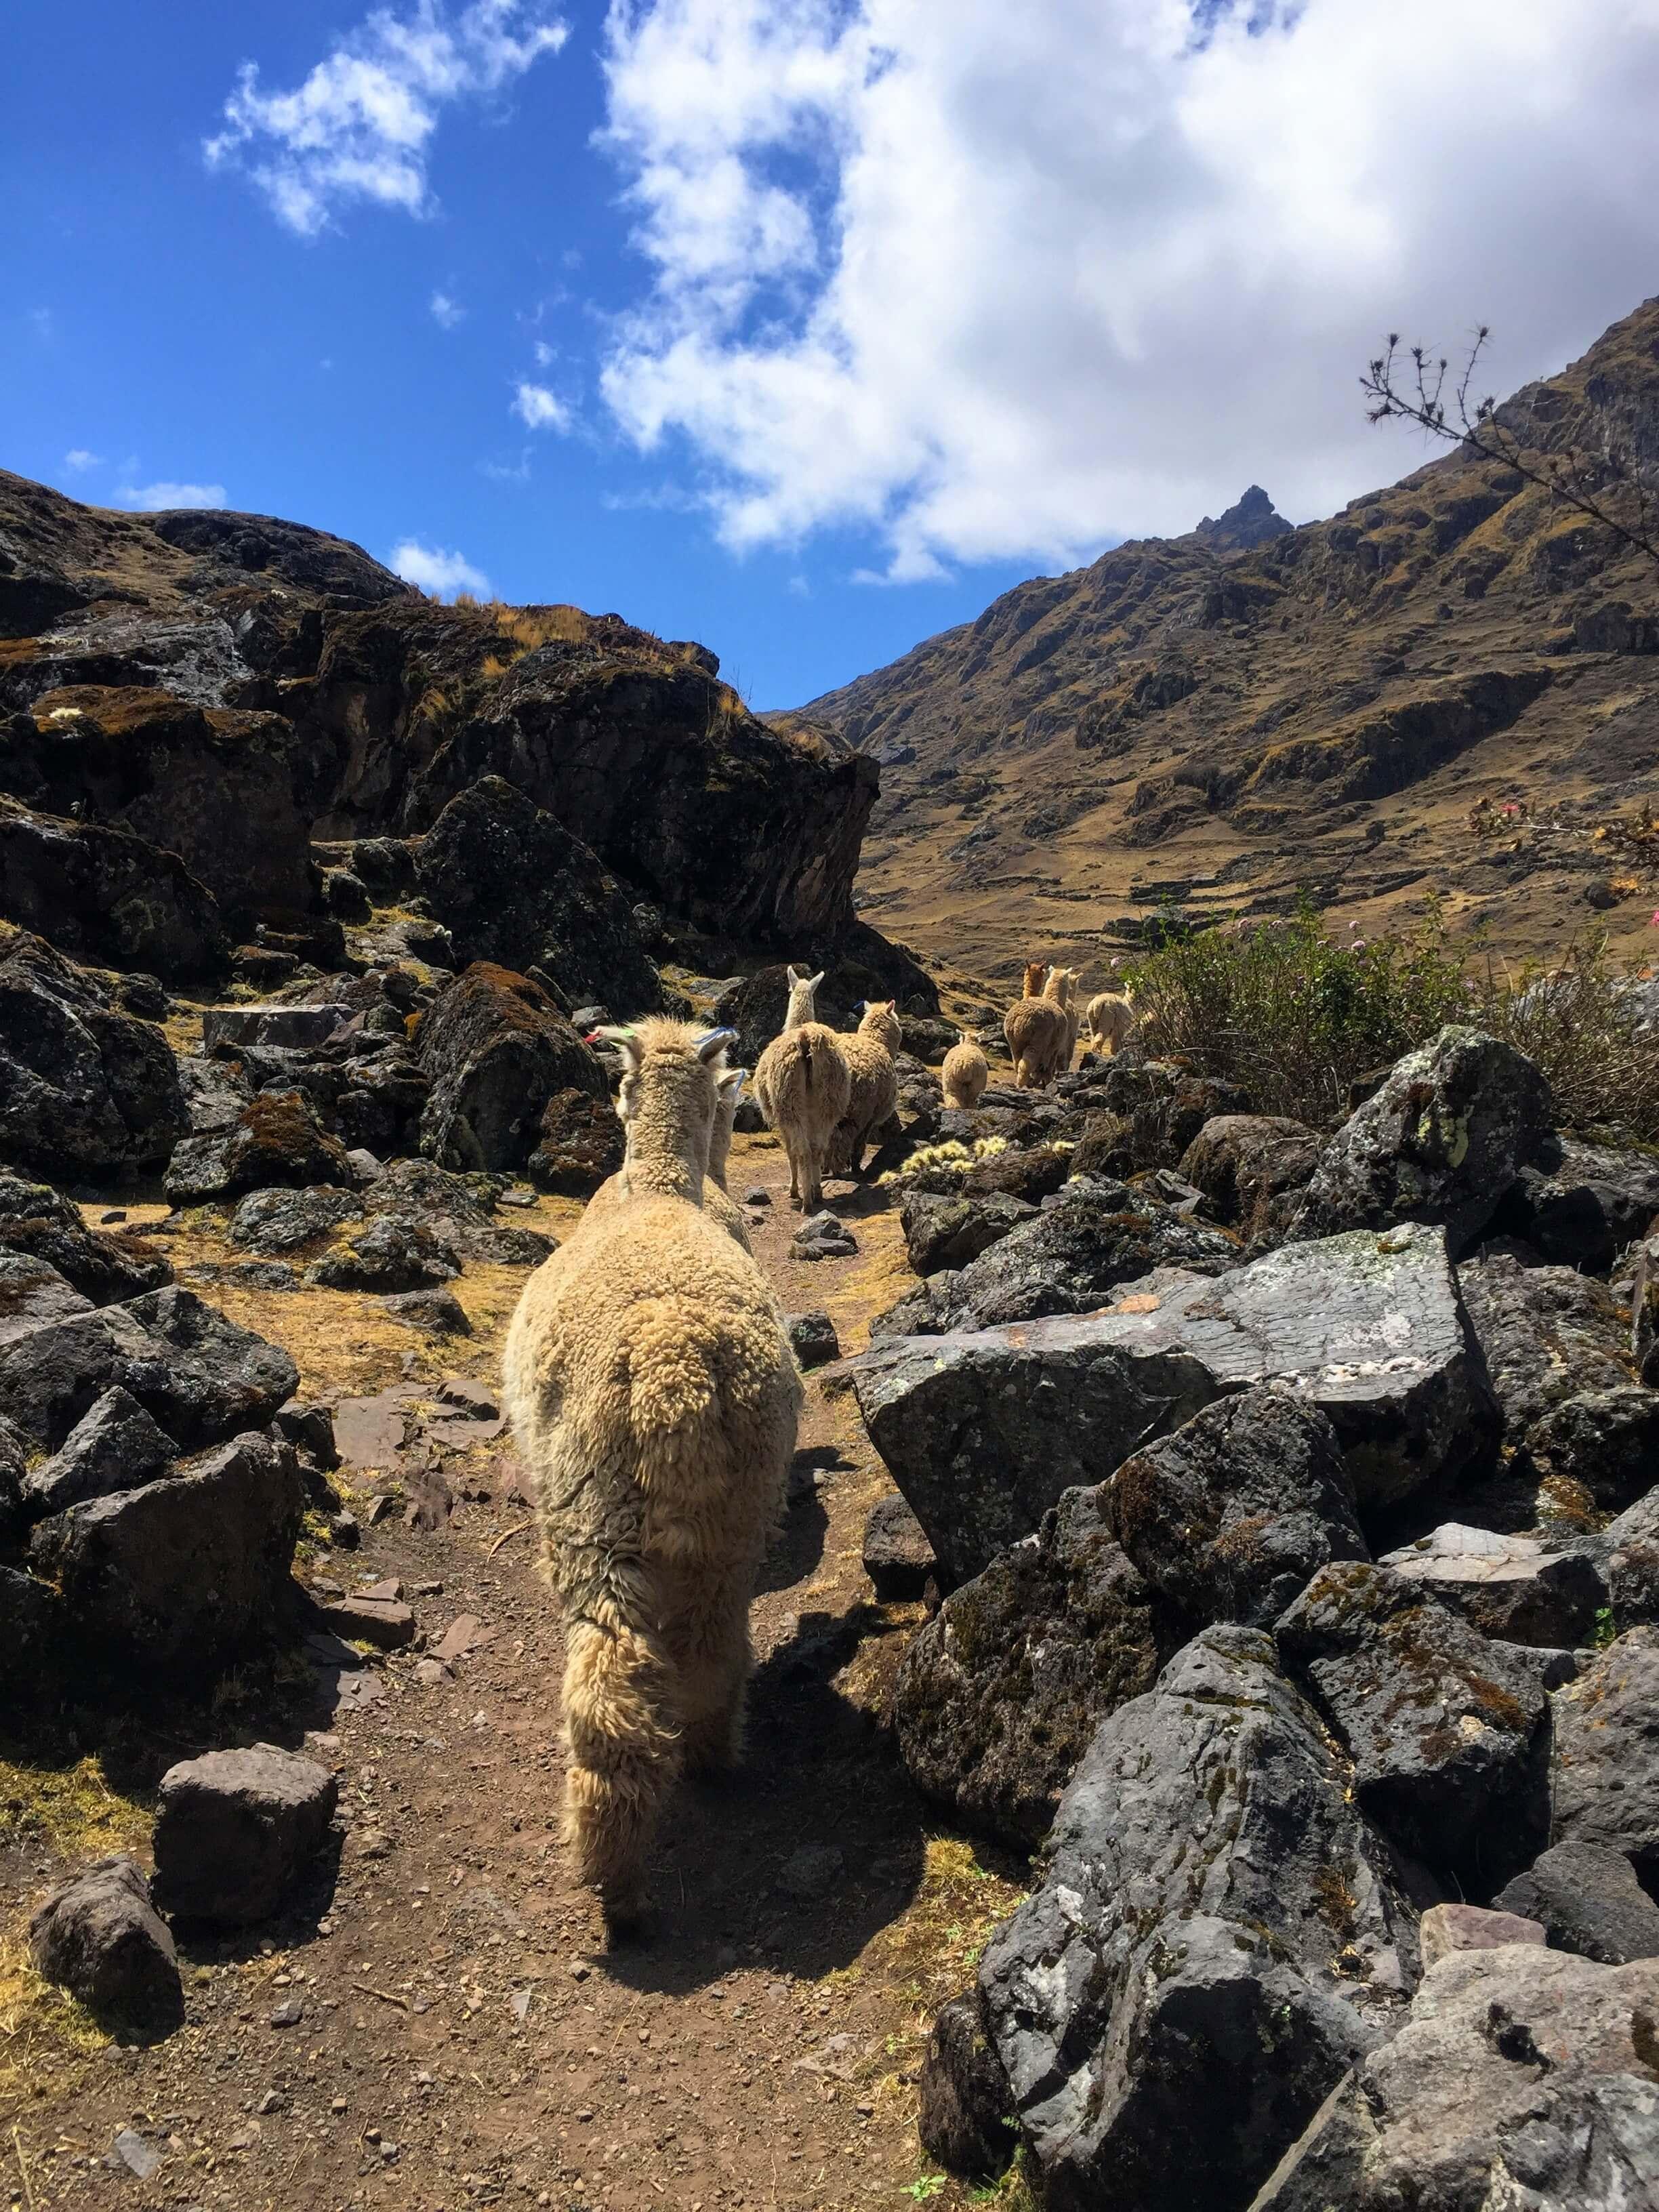 alpacas on the Kinsa Cocha hike